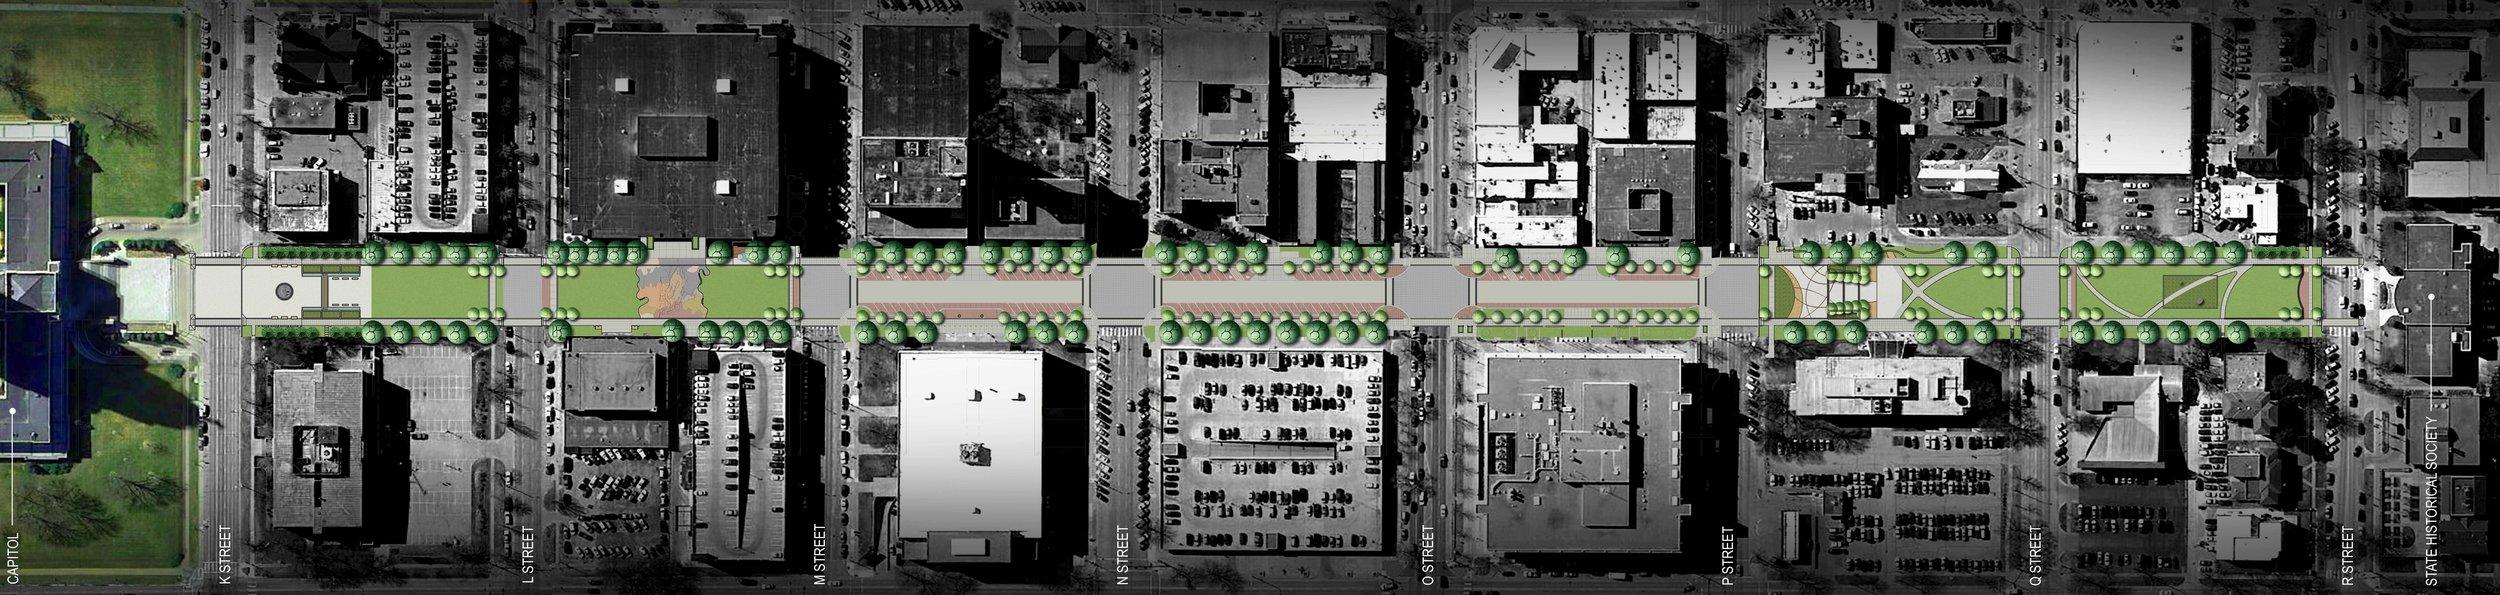 2012-12-06 Centennial Mall Plan Small.jpg